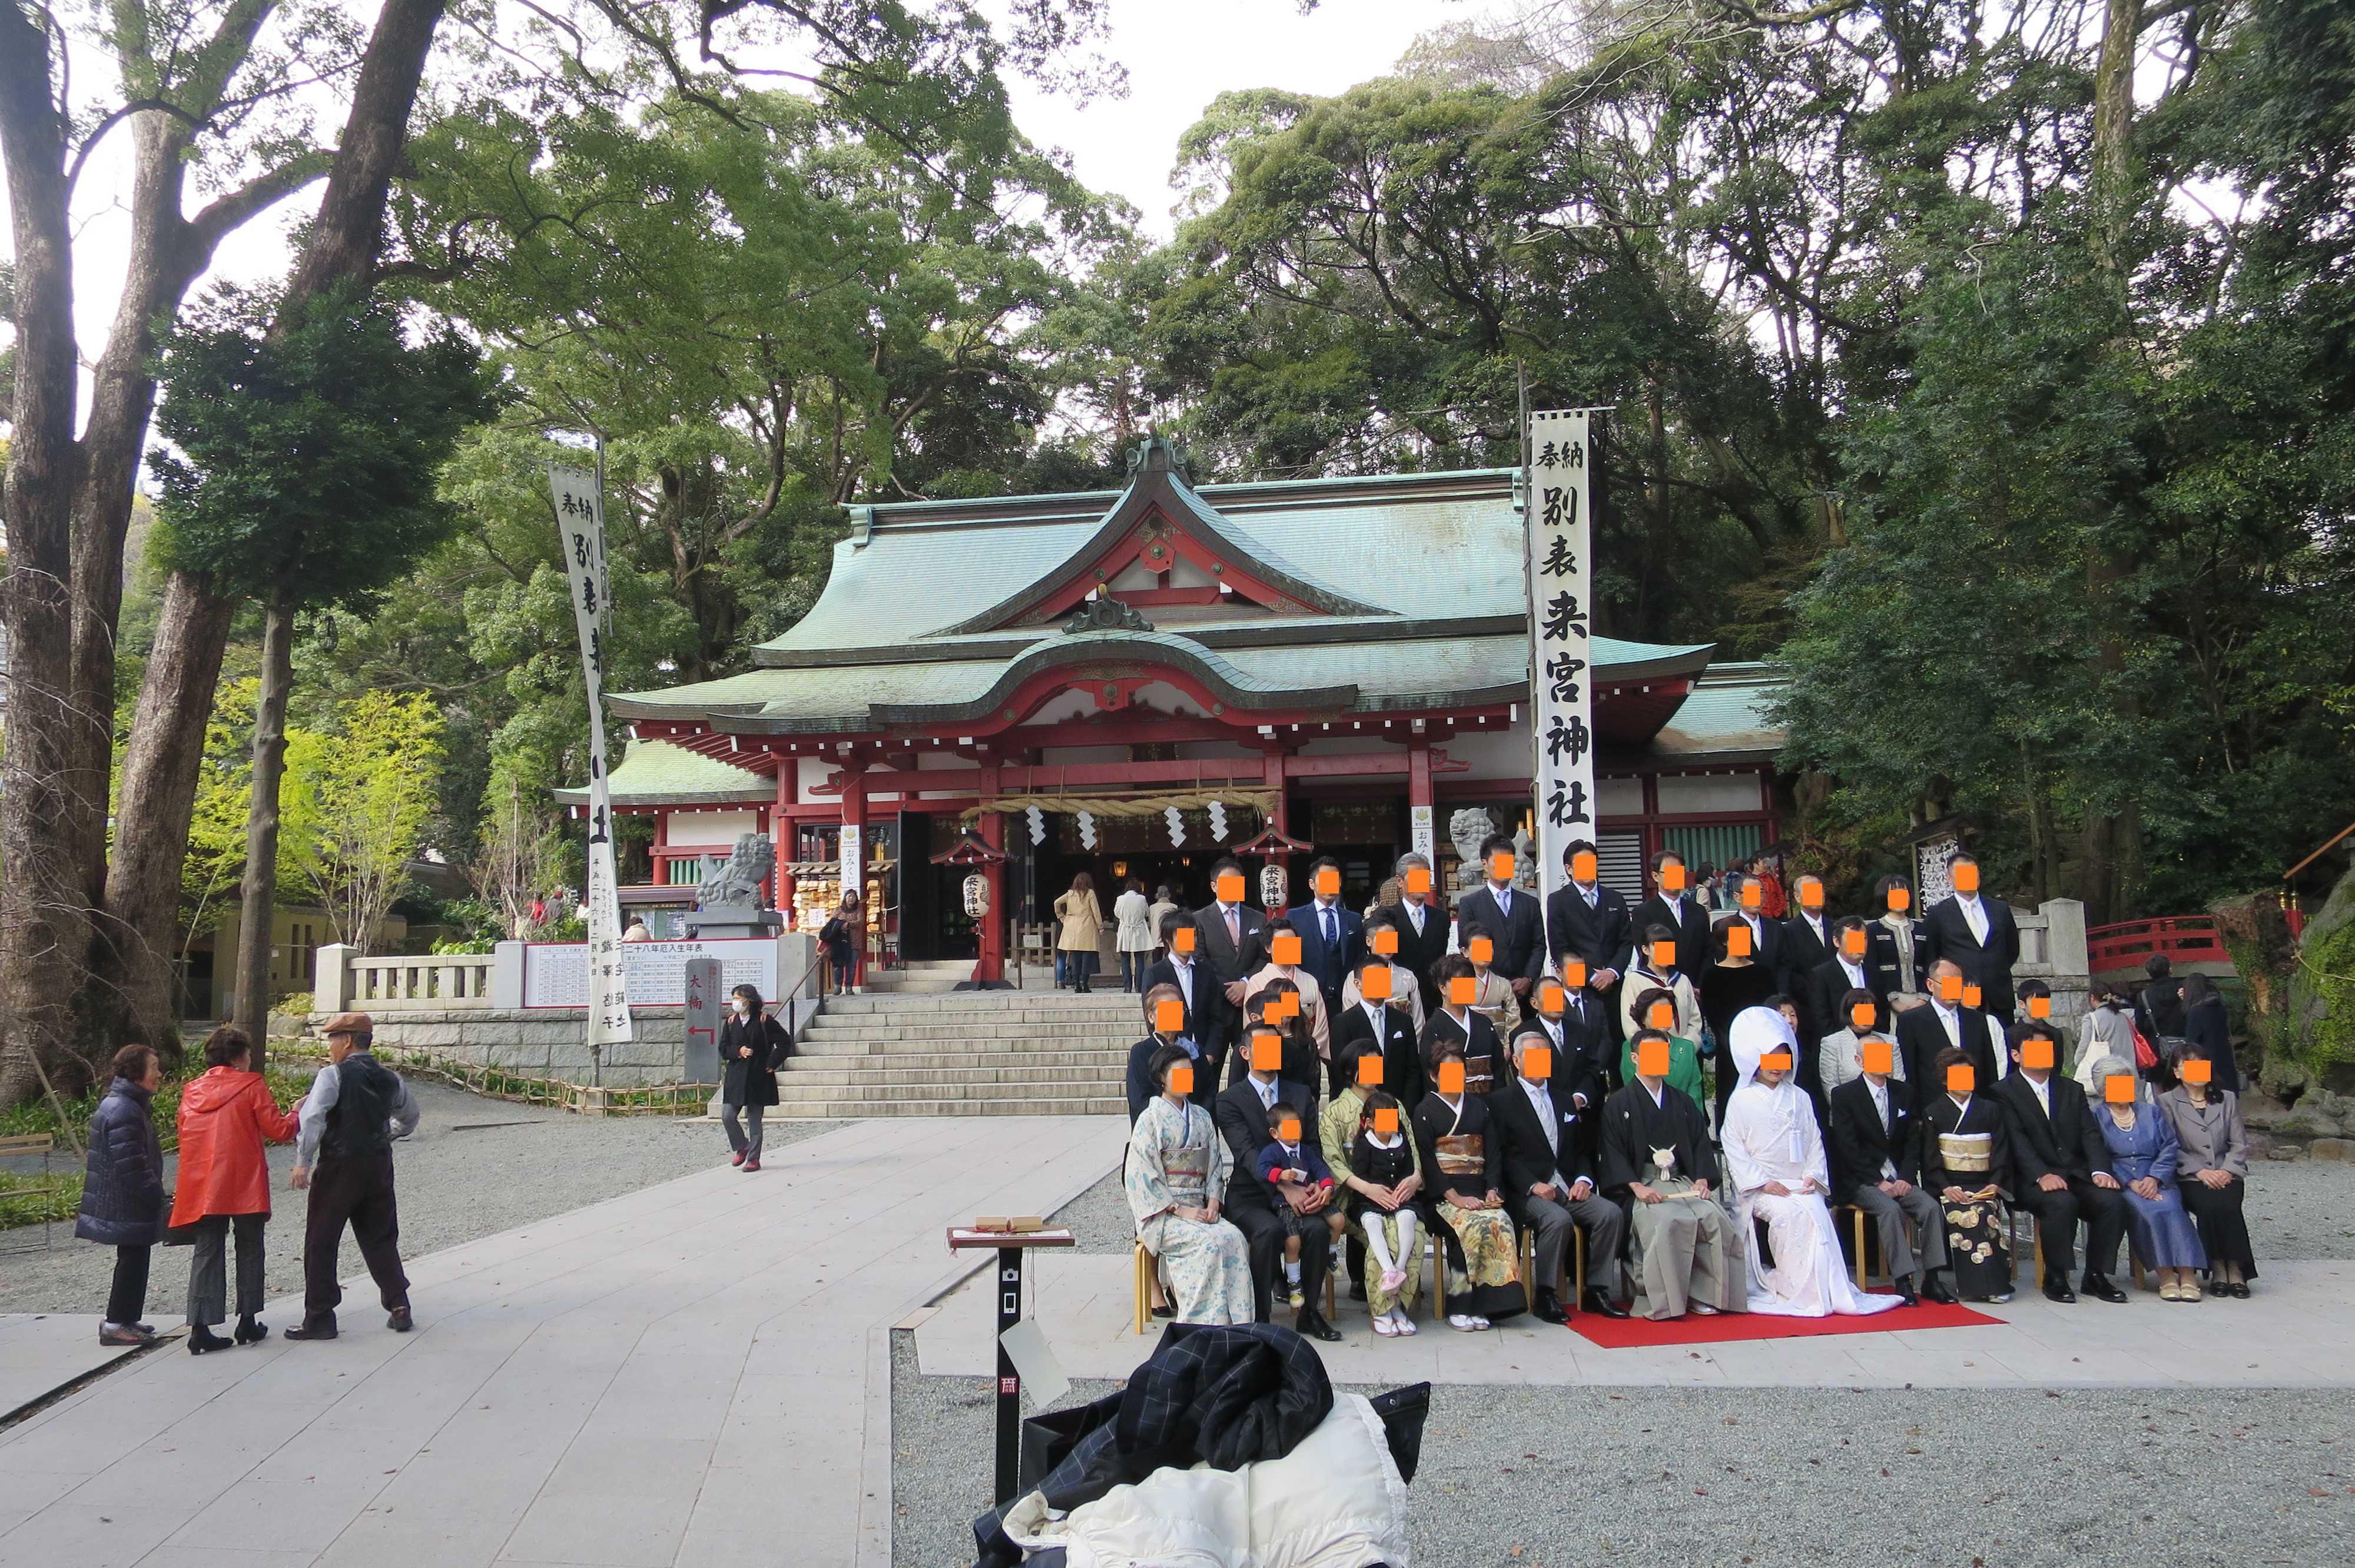 来宮神社 - 白無垢の花嫁を囲んで記念撮影